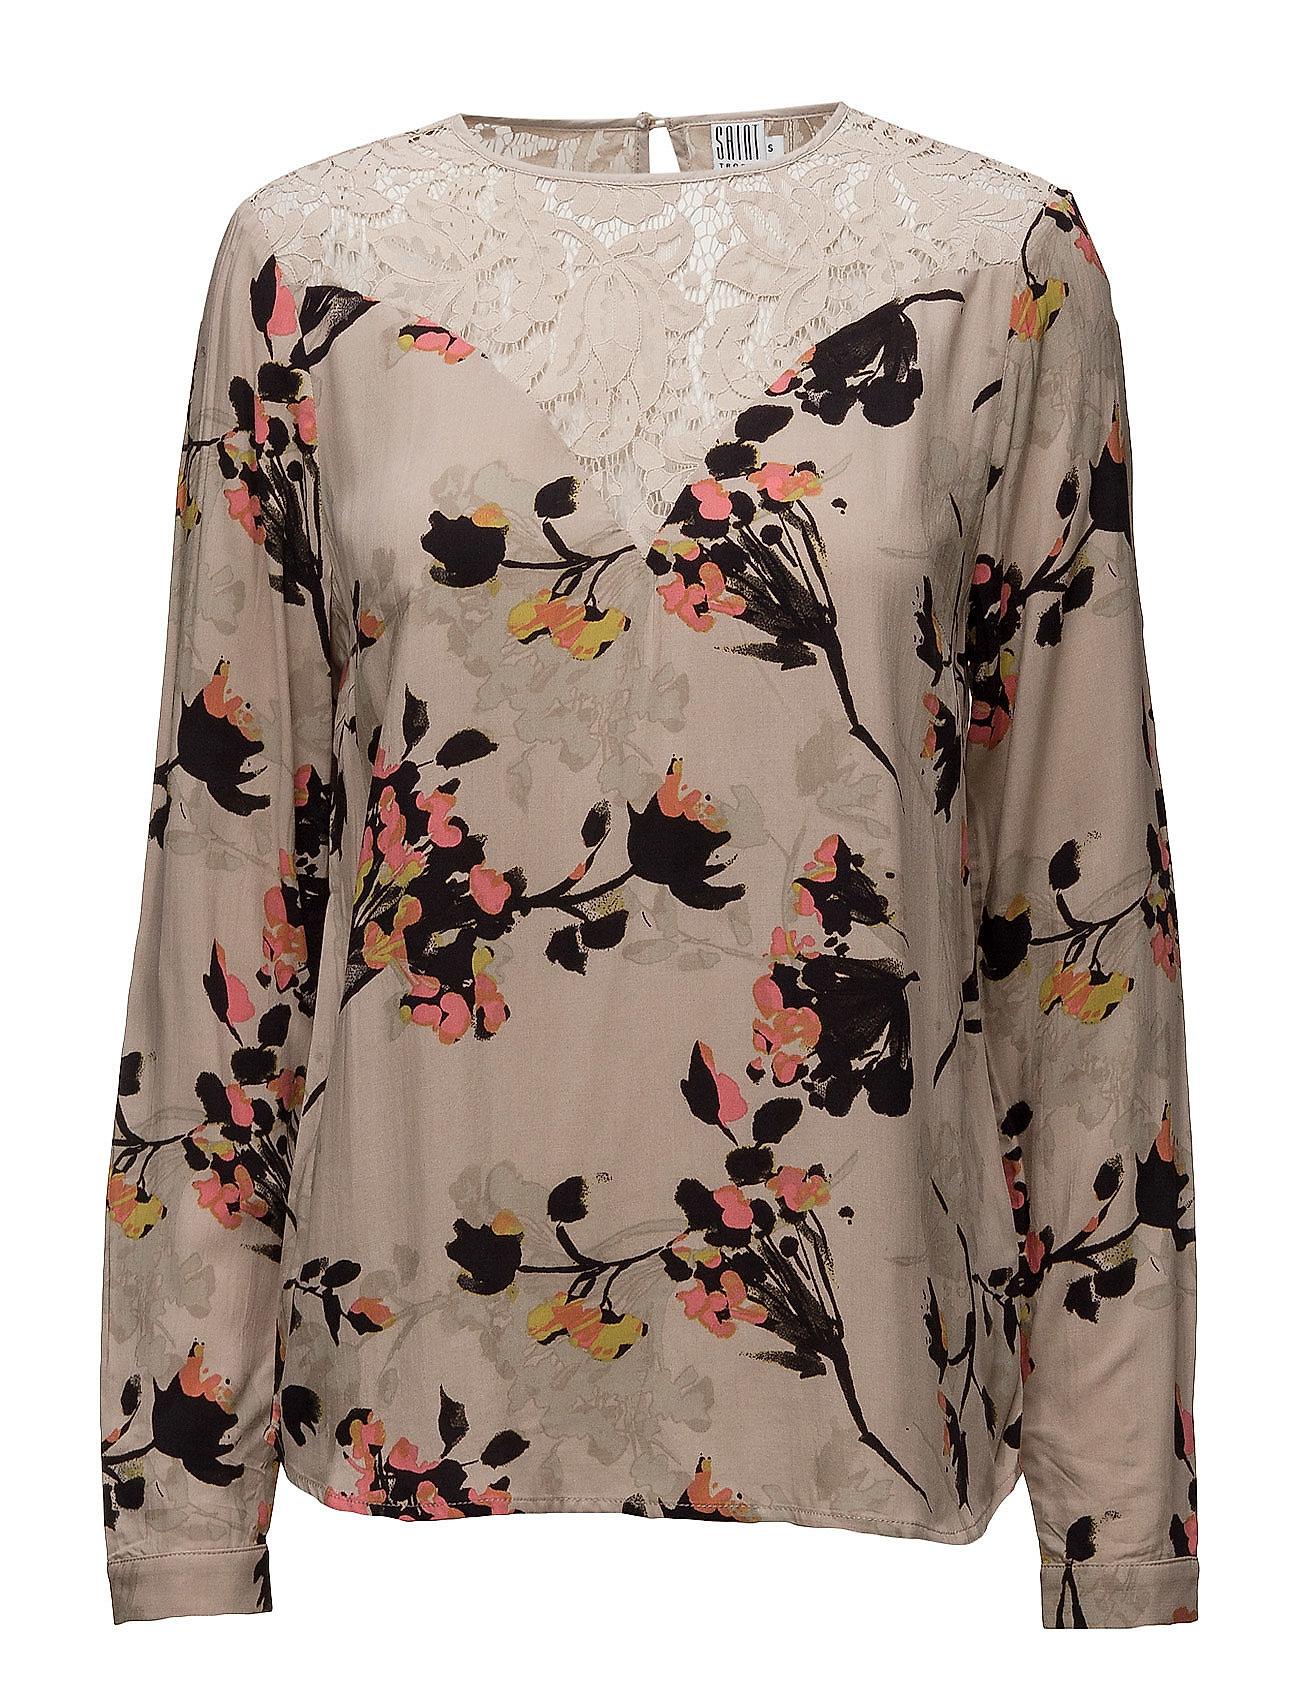 Flower Print Lace Blouse